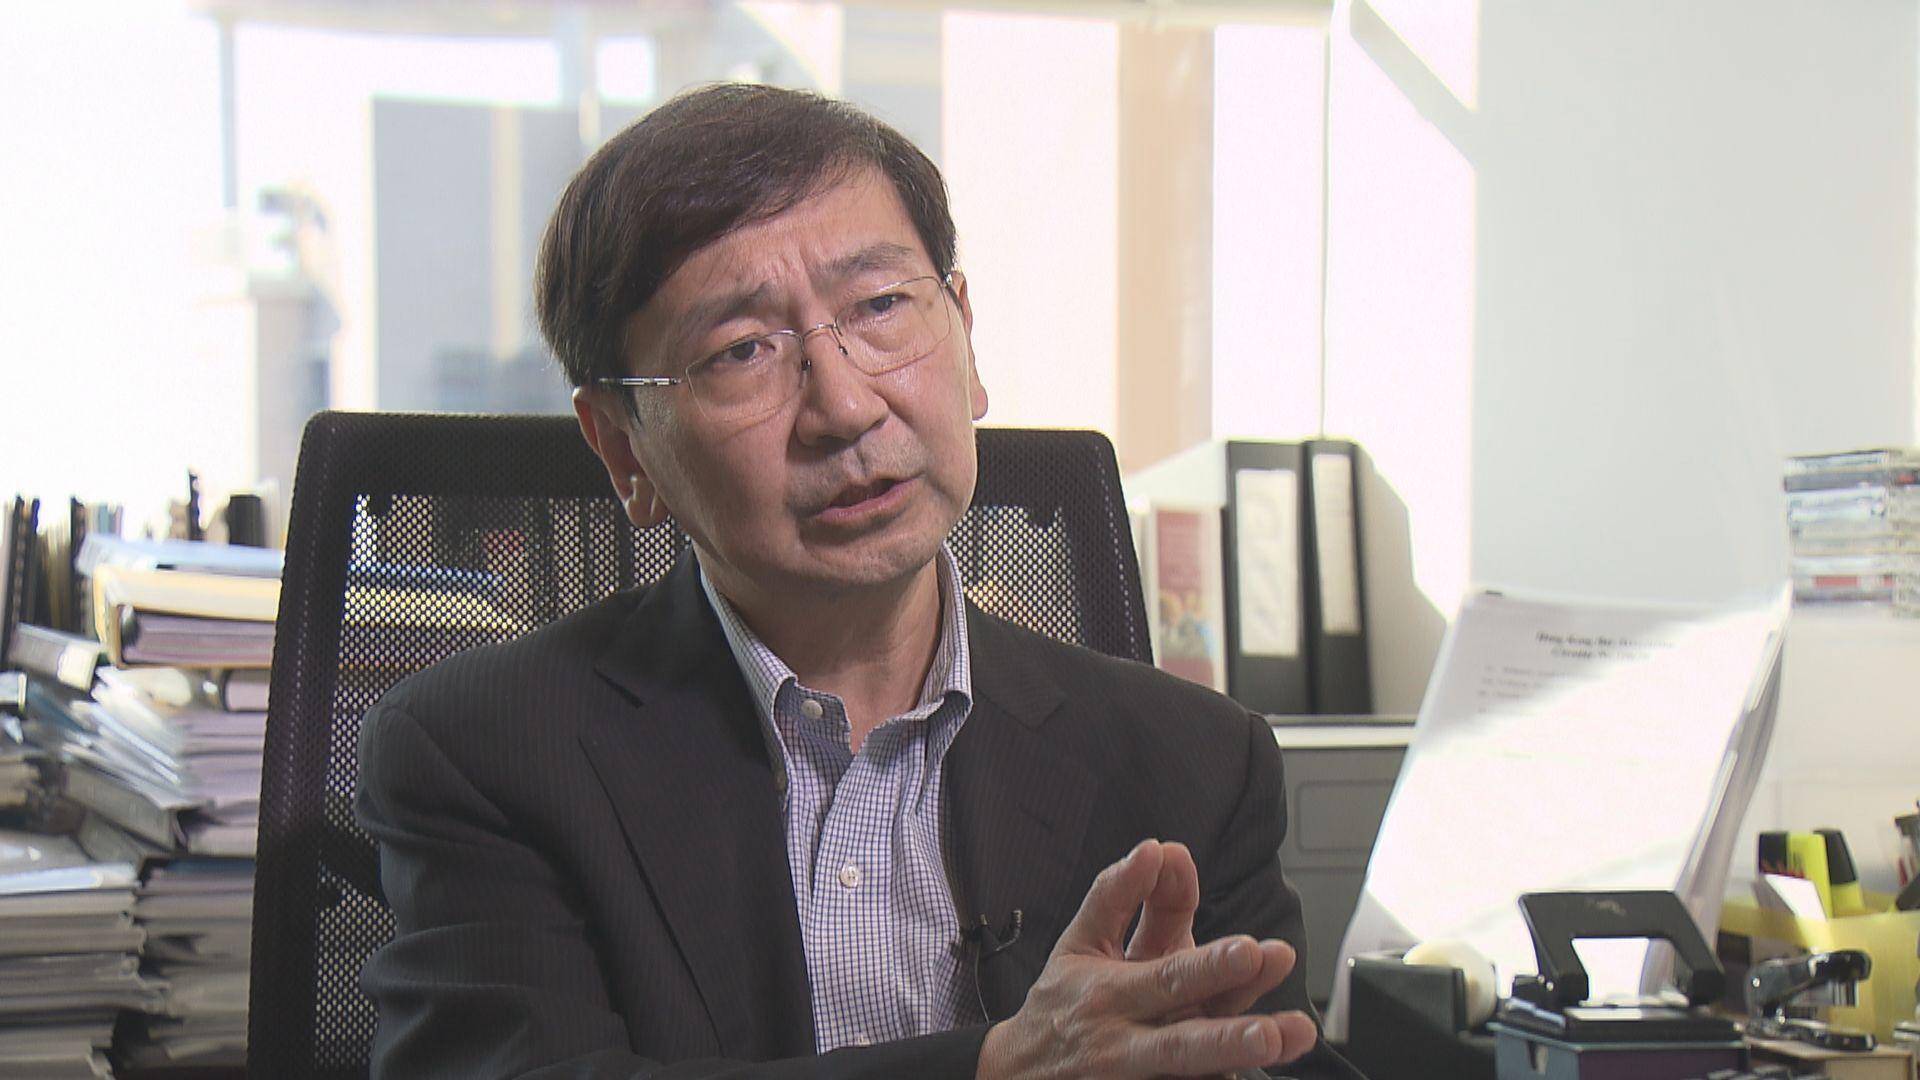 陳文敏 : 法例上難以禁止選民投白票